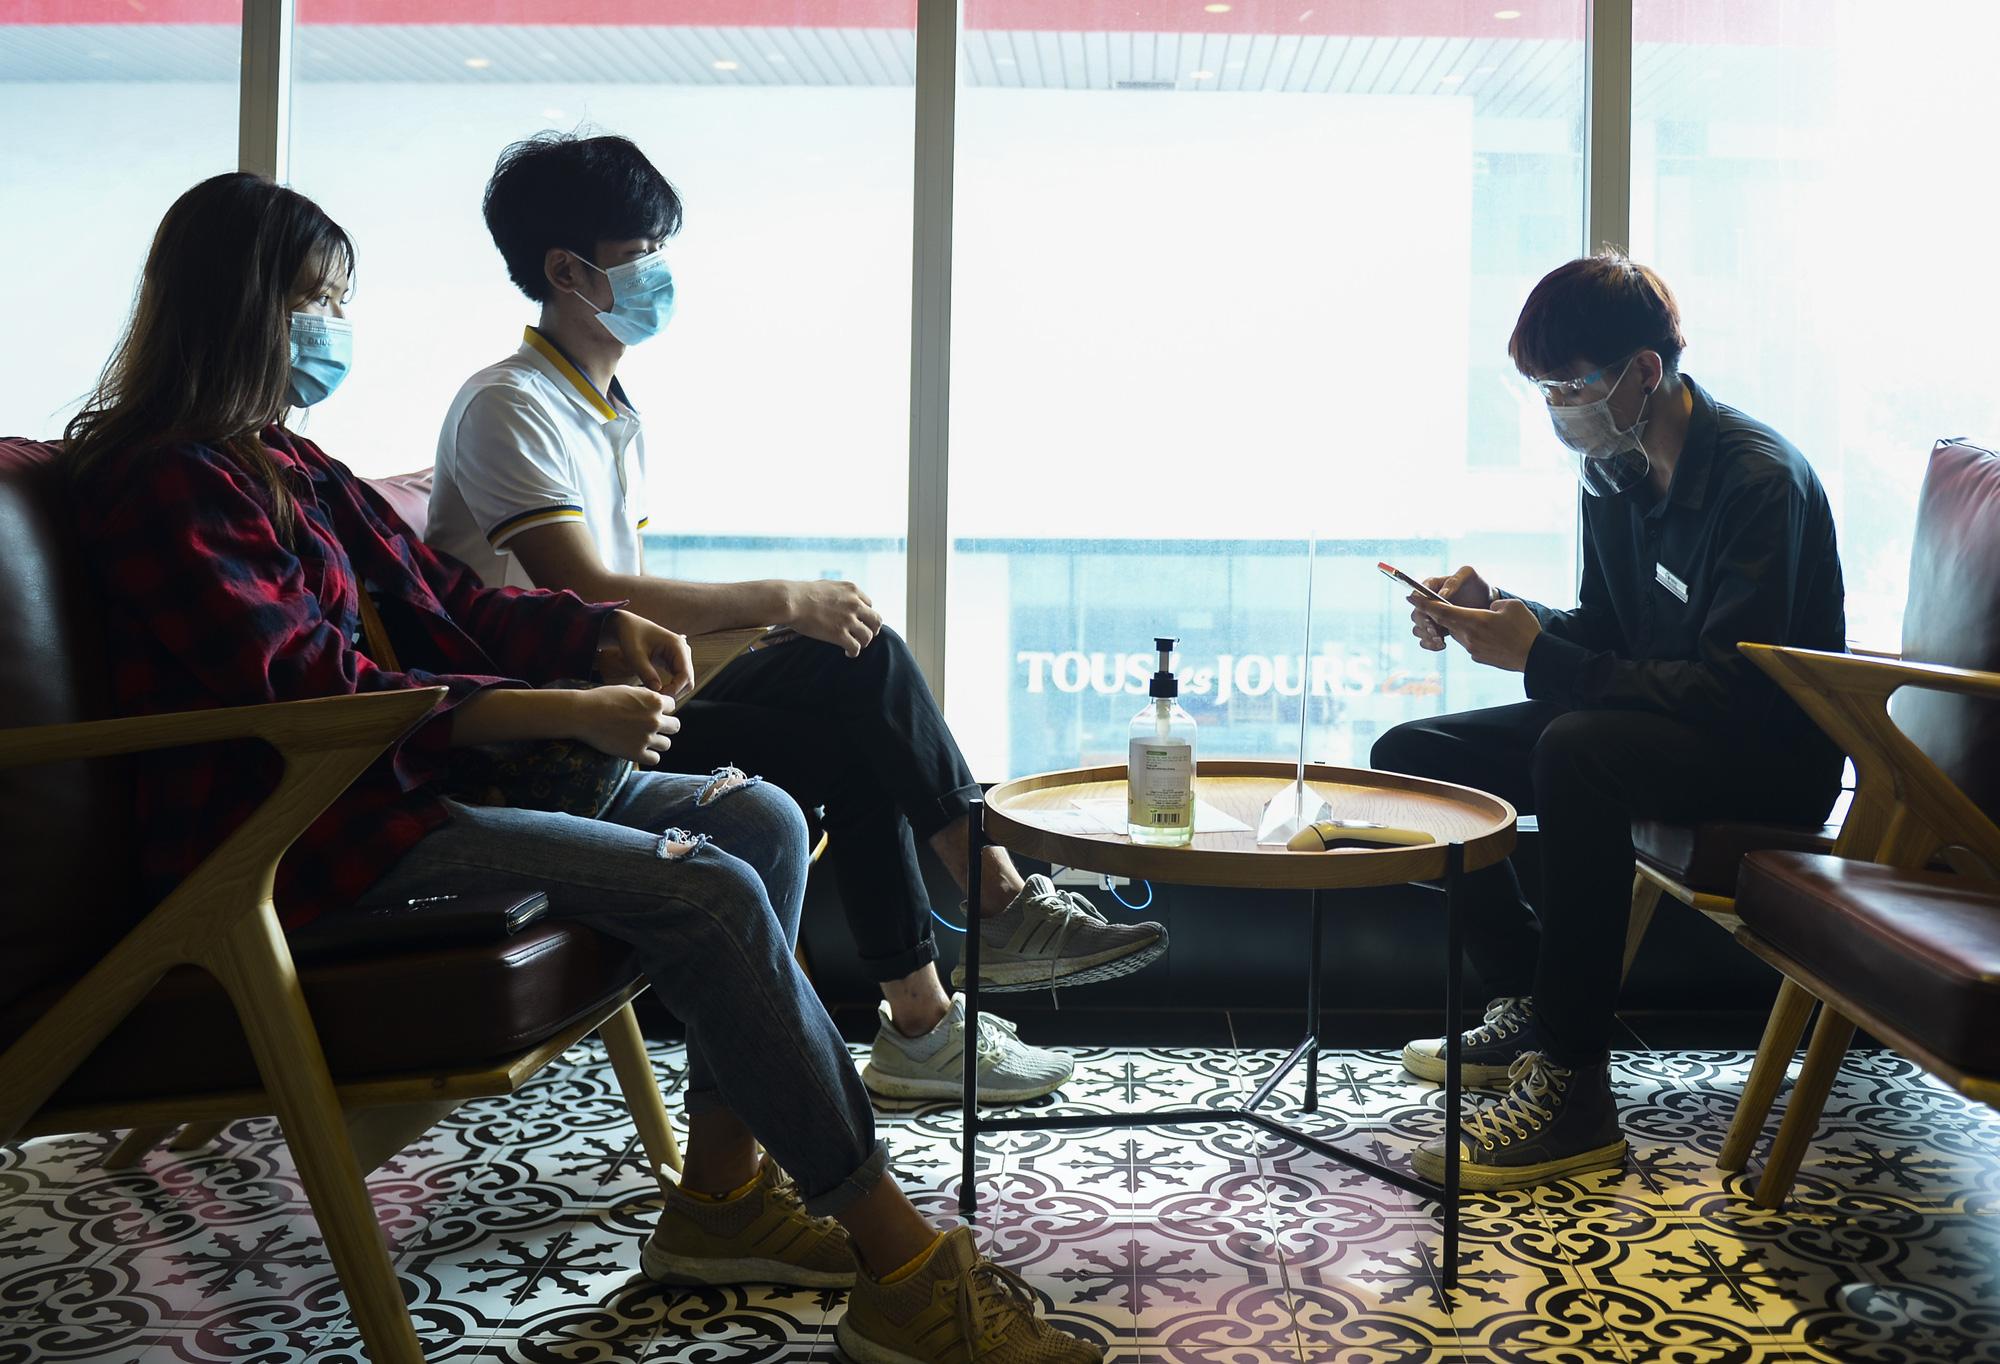 Hà Nội: Quán ăn, cà phê, tiệm tóc nhộn nhịp trong ngày đầu hoạt động trở lại - Ảnh 6.